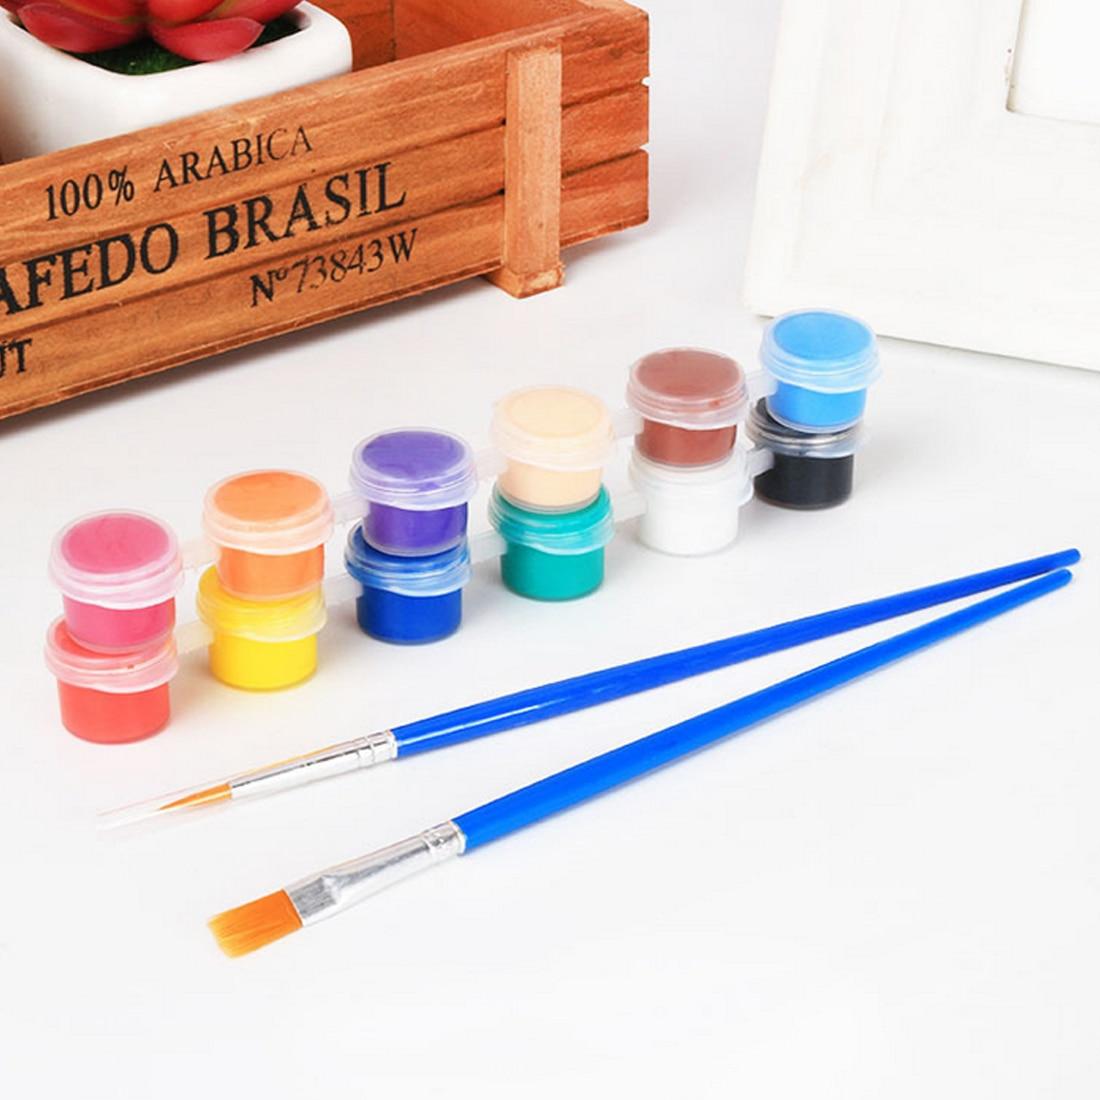 [해외]12 Colors Acrylic Paints WaterBrush Pigment Set for Clothing Textile Fabric Hand Painted Wall Plaster Painting Drawing For Kids/12 Colors Acrylic